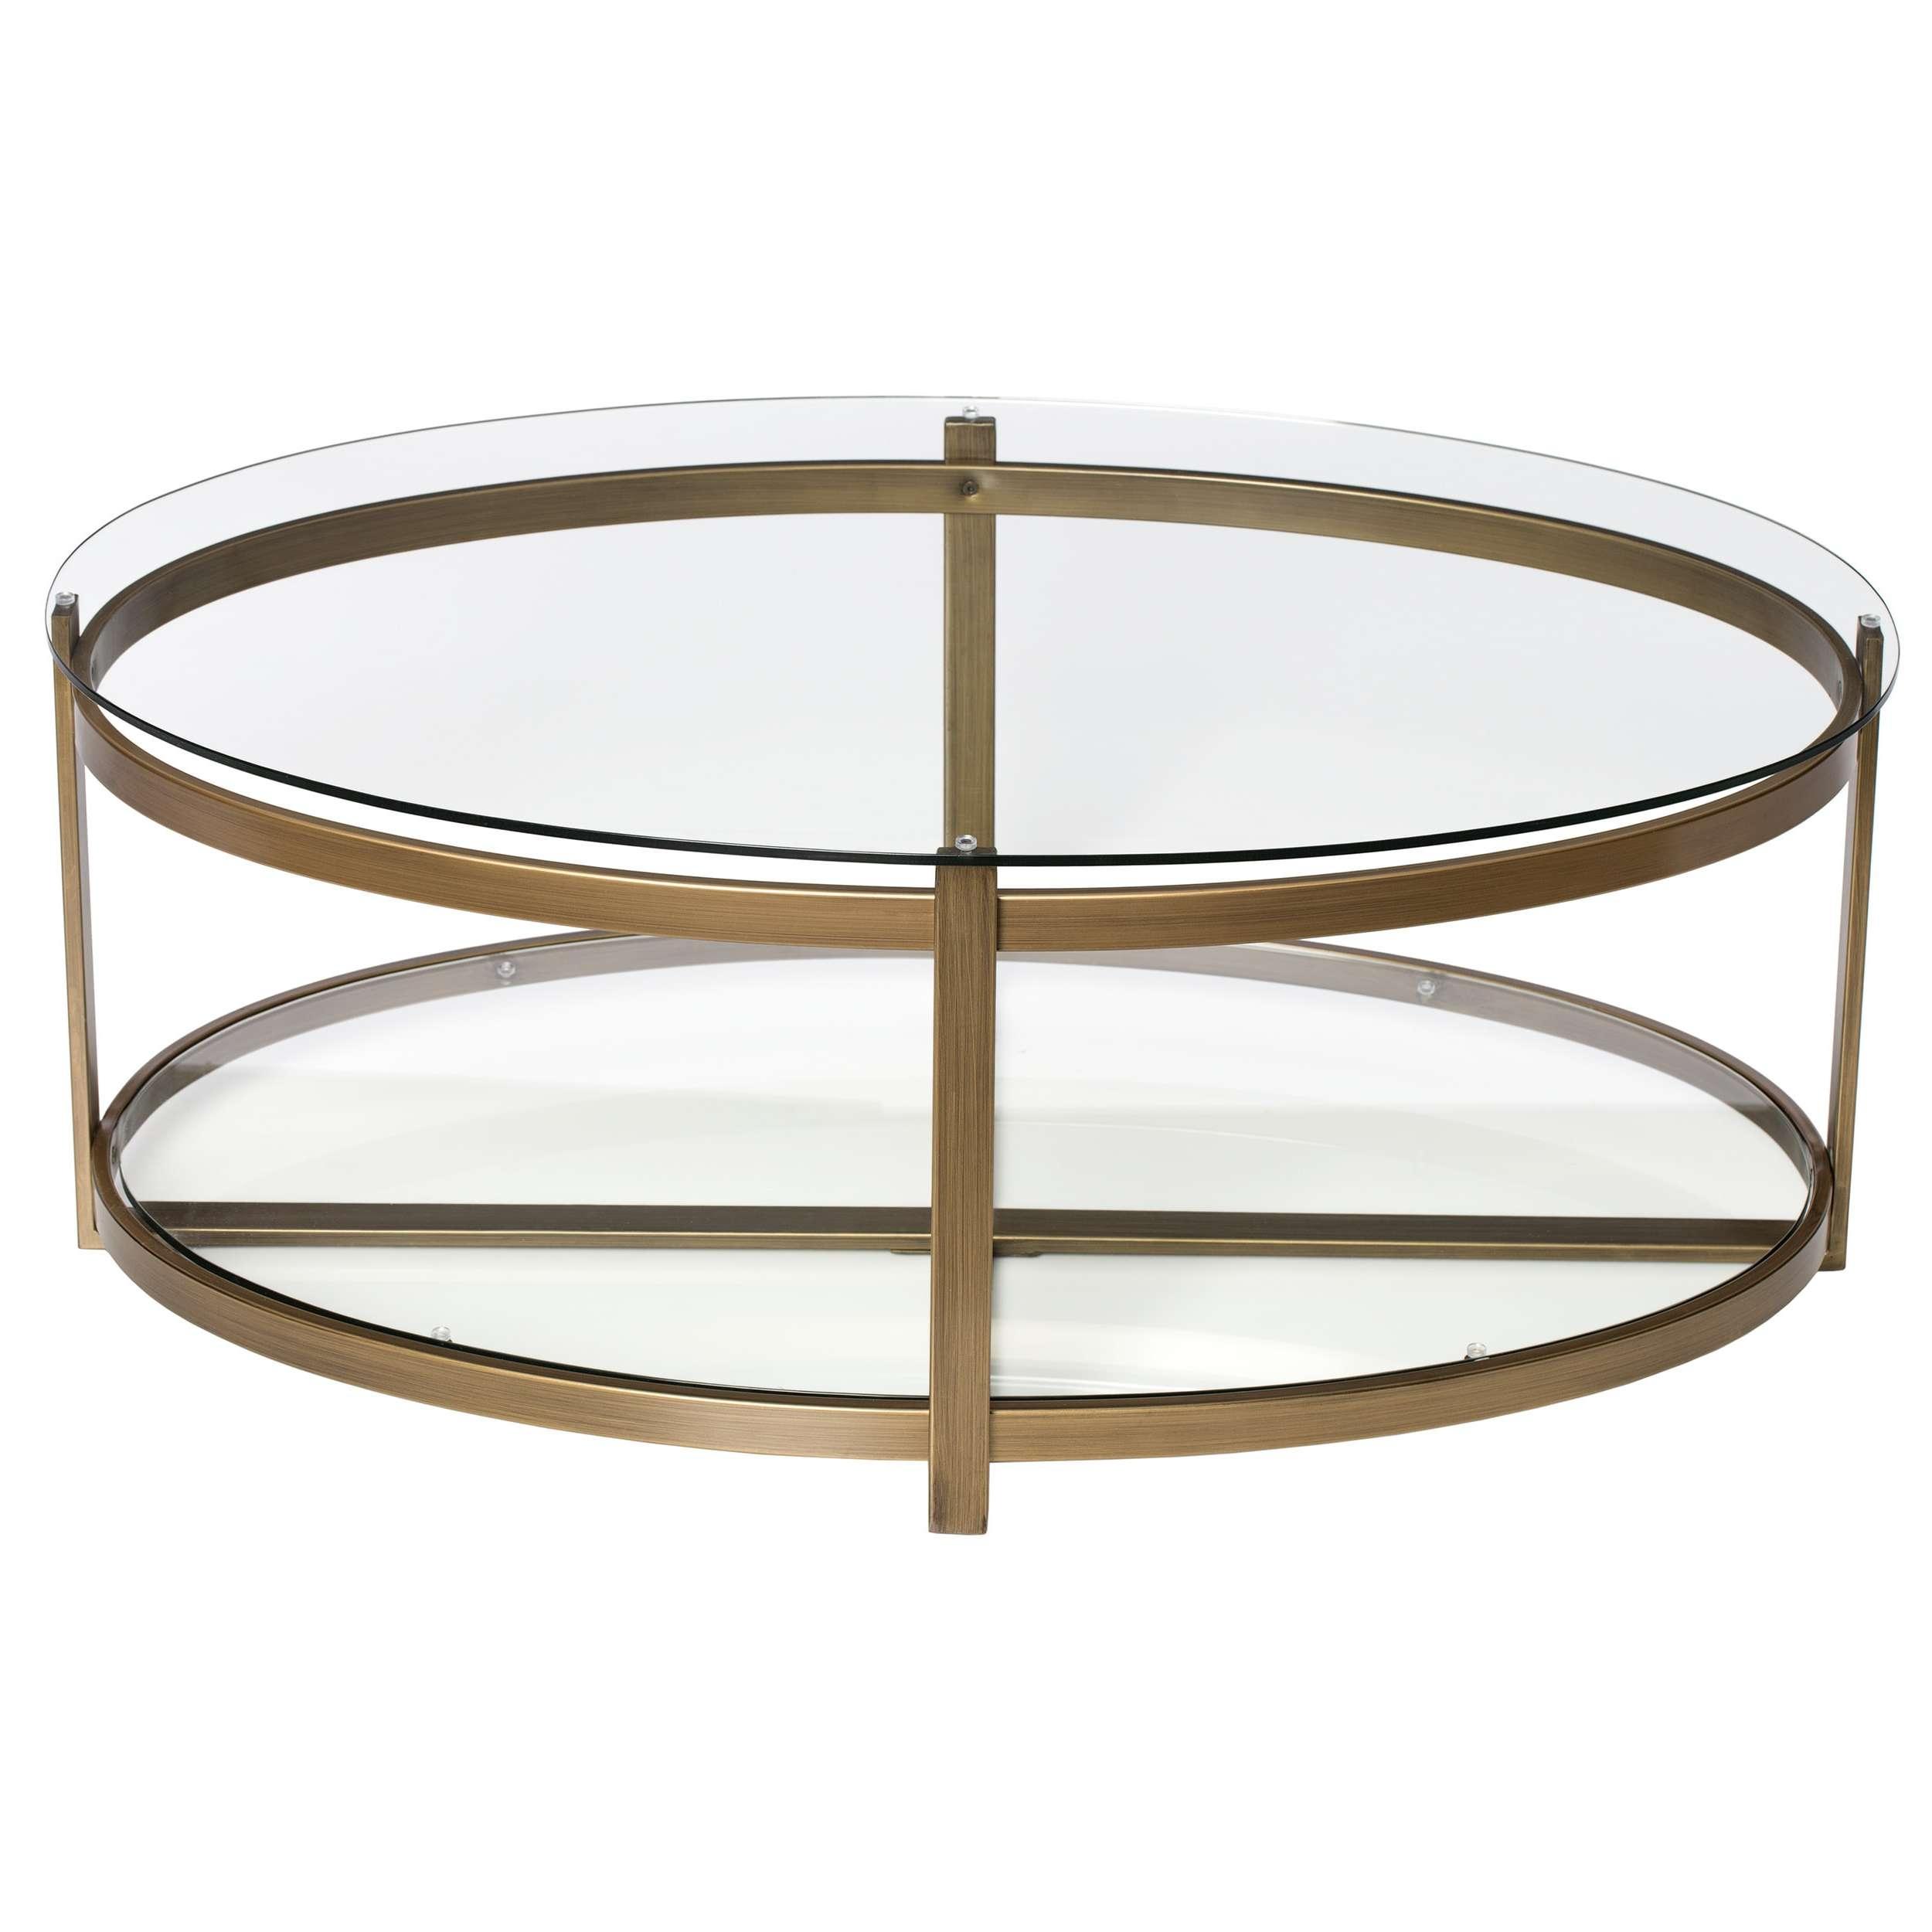 Silver Orchid Marcello Retro Glitz Glass/ Metal Coffee Table For Fashionable Retro Glitz Glass Coffee Tables (View 6 of 20)